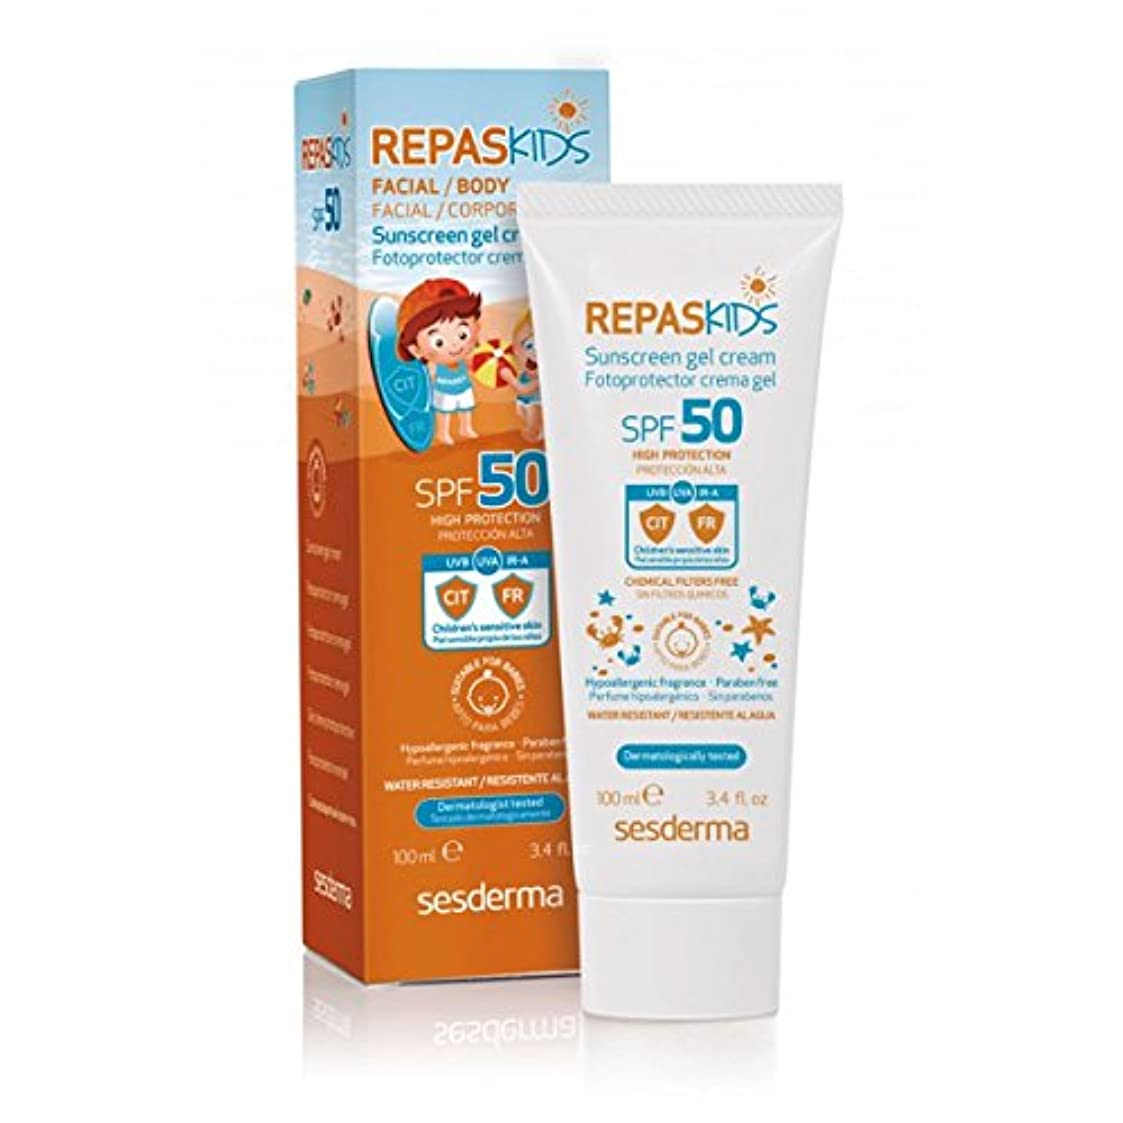 見物人頑張るトラフSesderma Repaskids Sunscreen Gel Cream Spf50 100ml [並行輸入品]